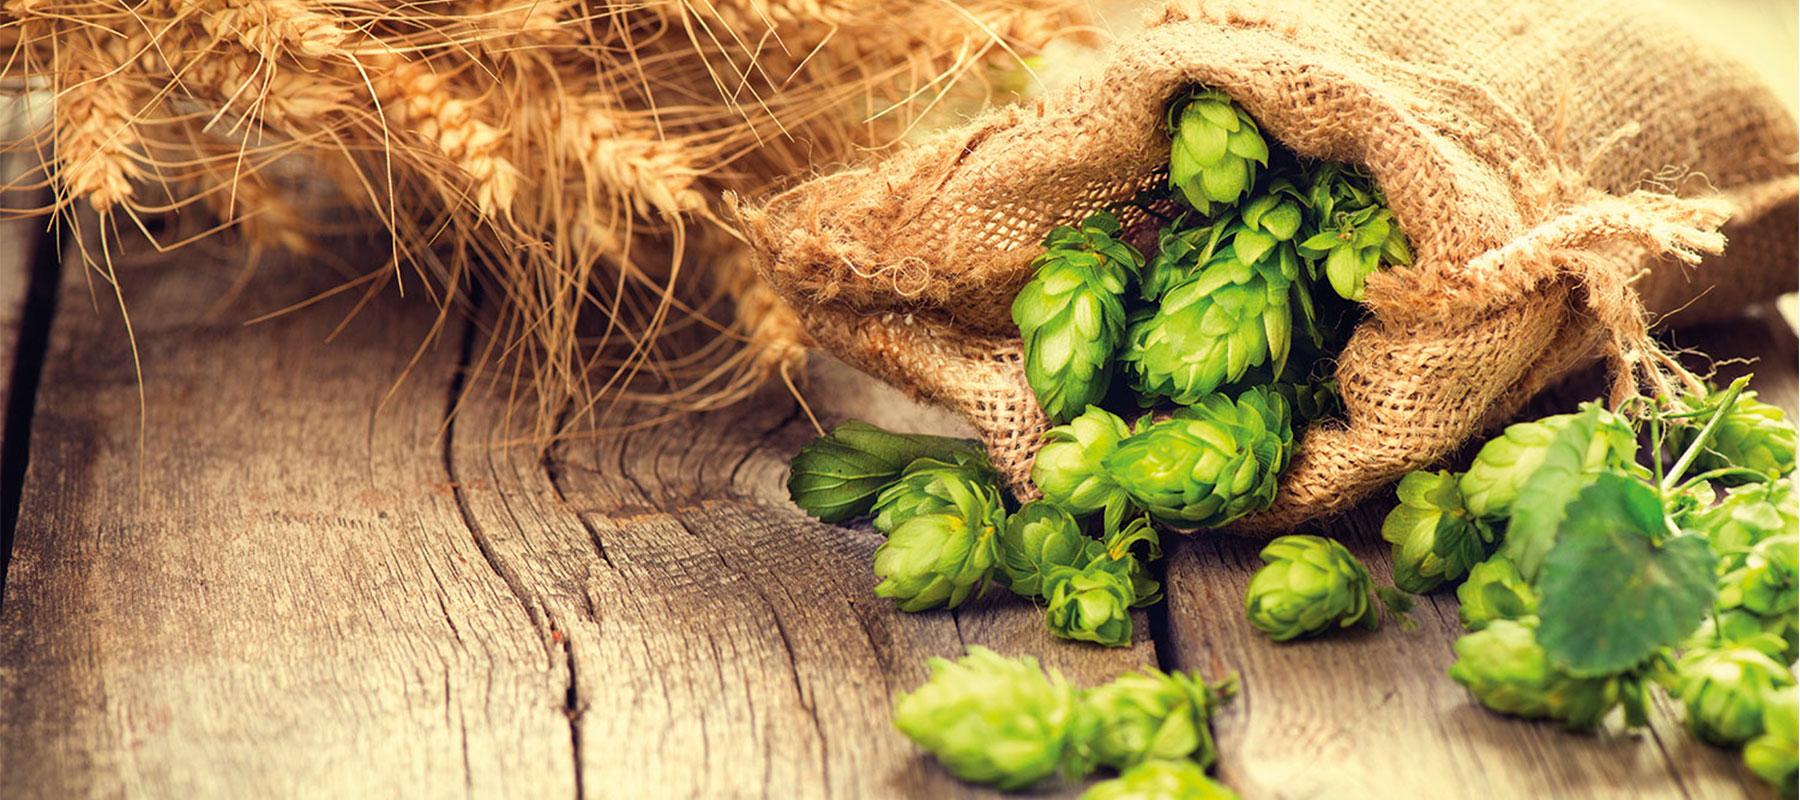 Bier van de maand juli 2020: Steenberge Pilsener